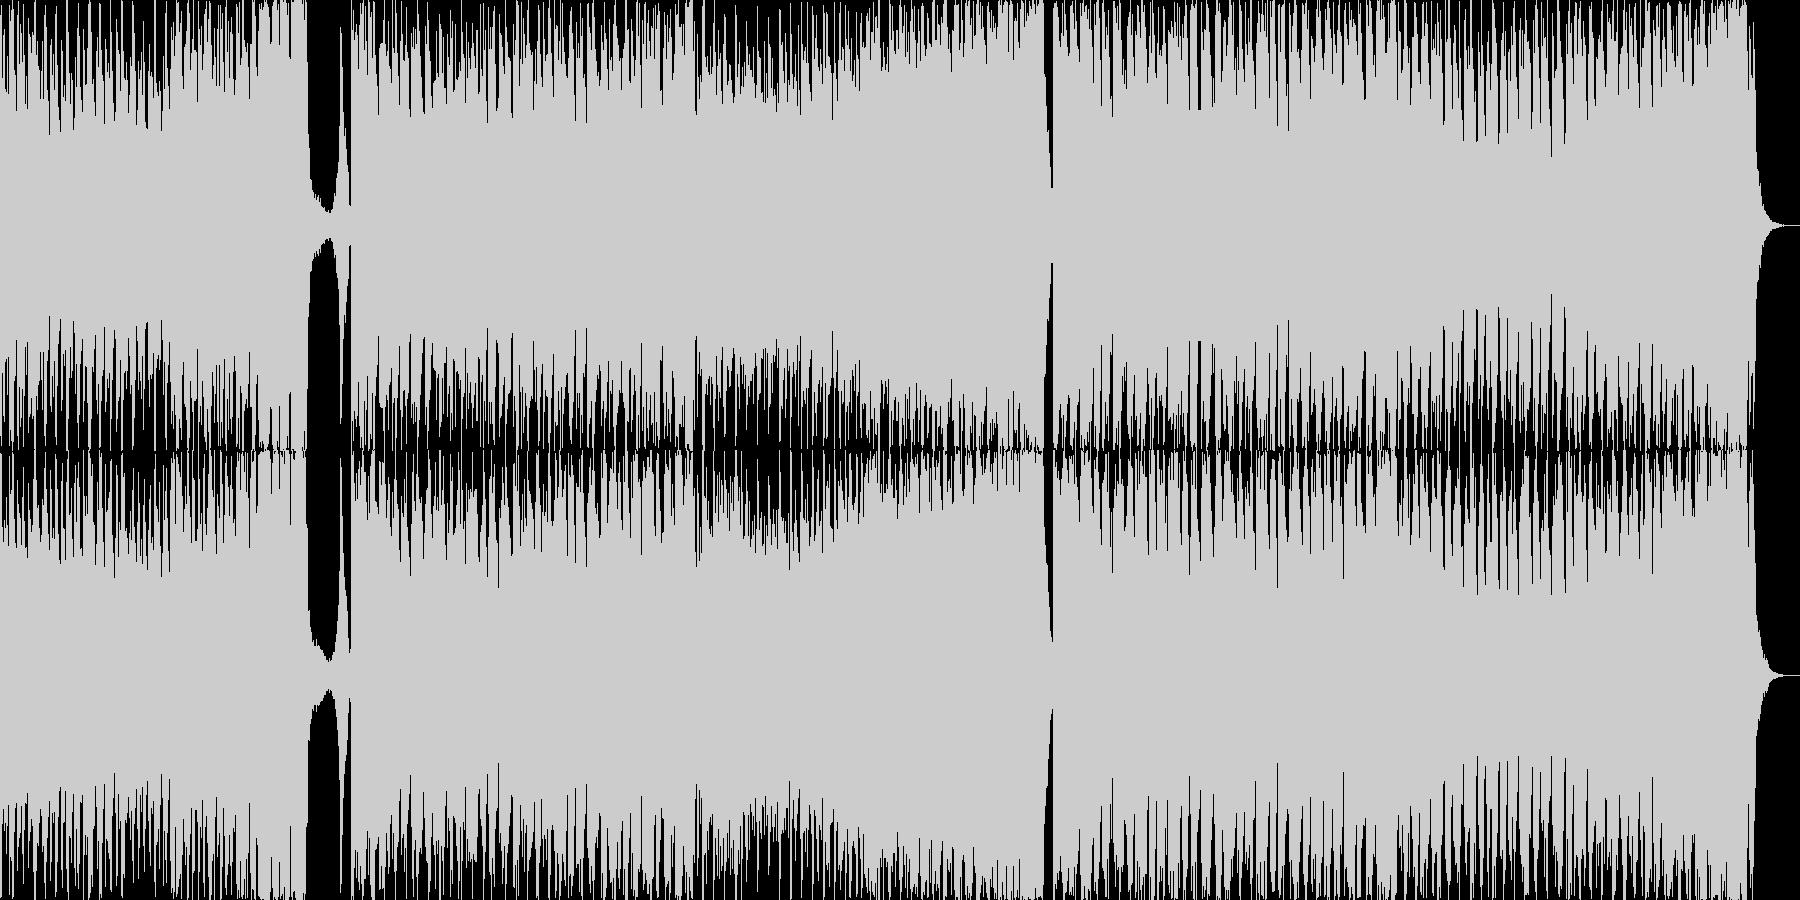 ハッピーダンスミュージックの未再生の波形